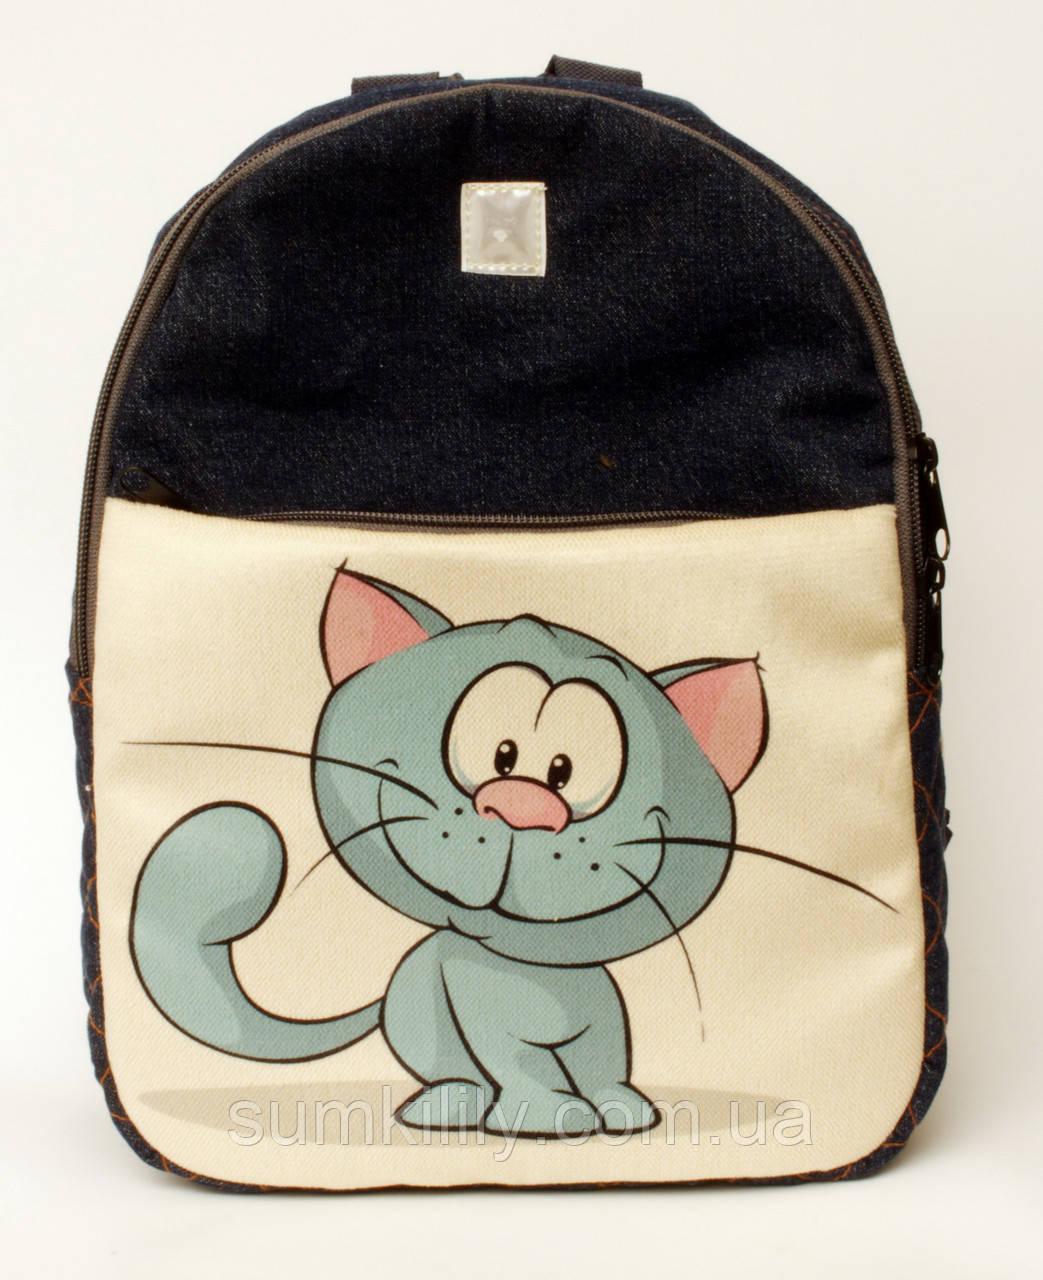 Джинсовый рюкзак синий кот